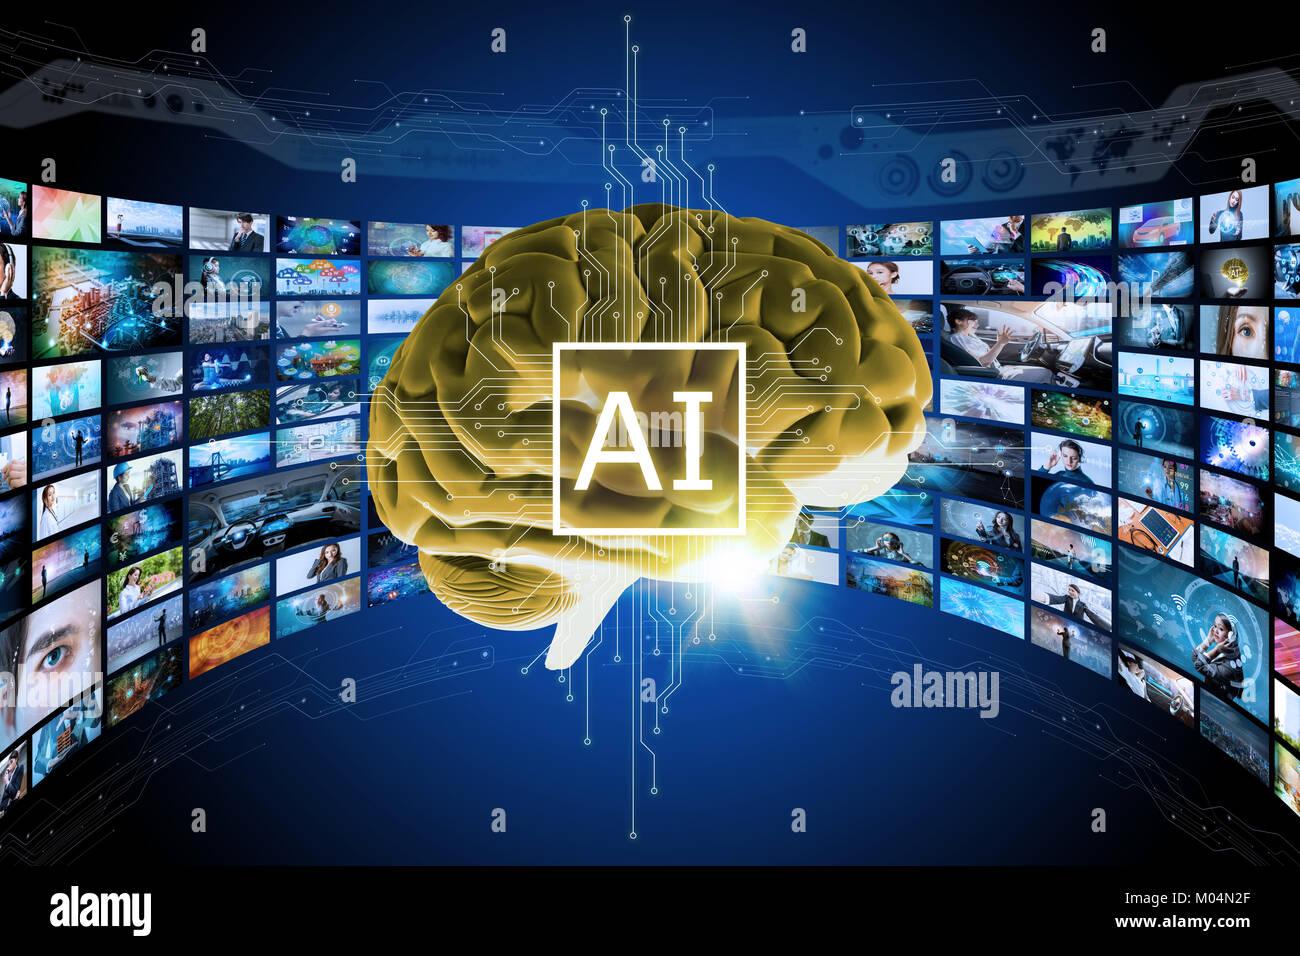 AI (Inteligencia Artificial) concepto. Cerebro virtual 3D rendering y visualizan los recuerdos. La computación Imagen De Stock